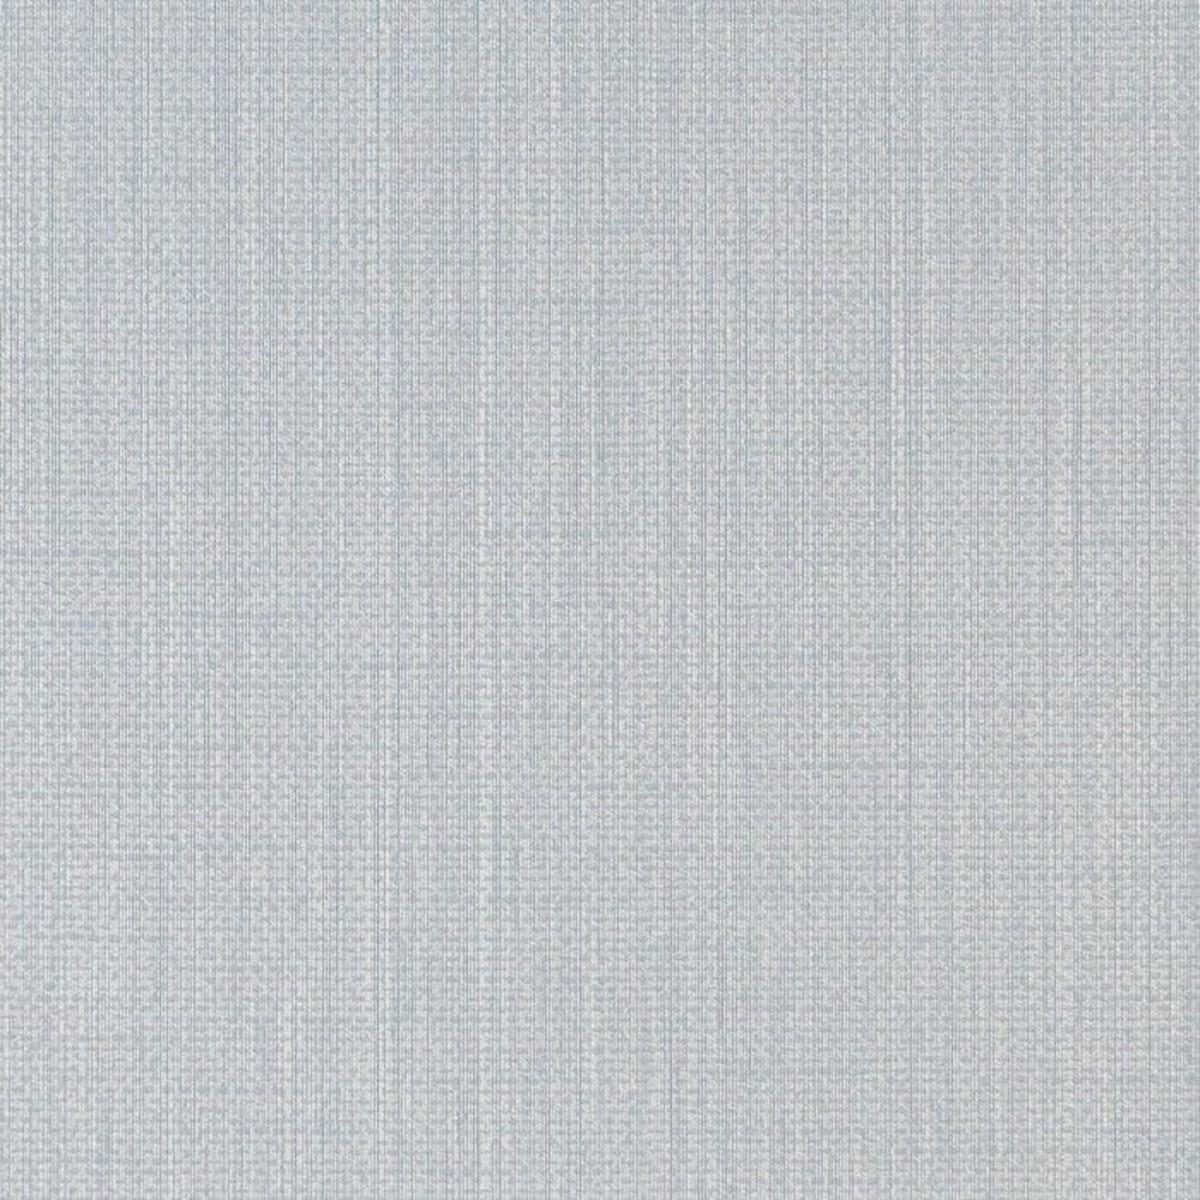 Обои текстильные Rasch Lyra голубые 0.53 м 78762